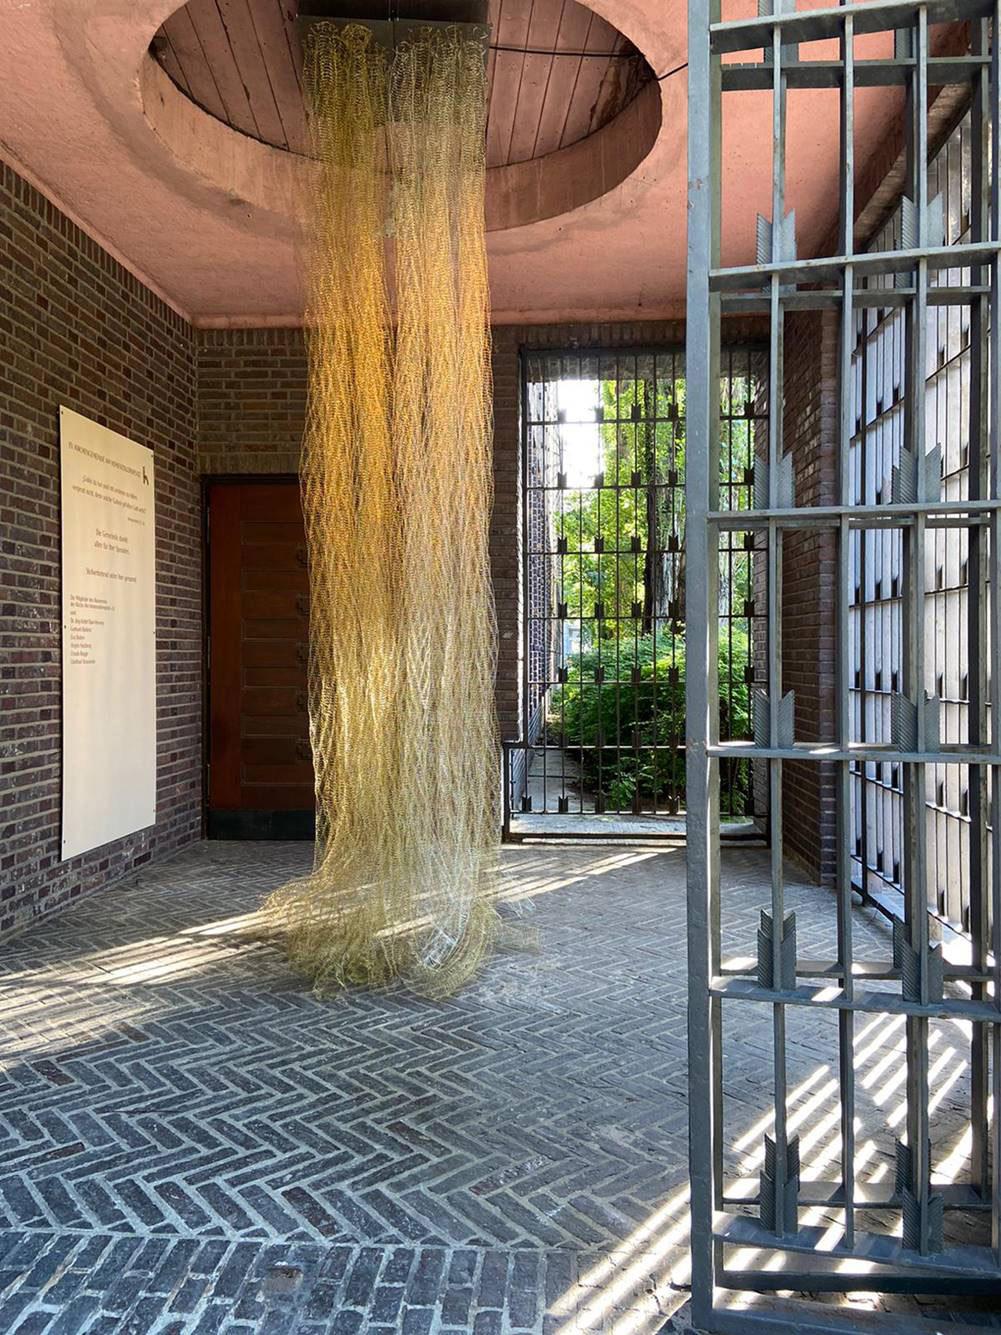 Installationsansicht, Fotonachweis Ellinor Euler